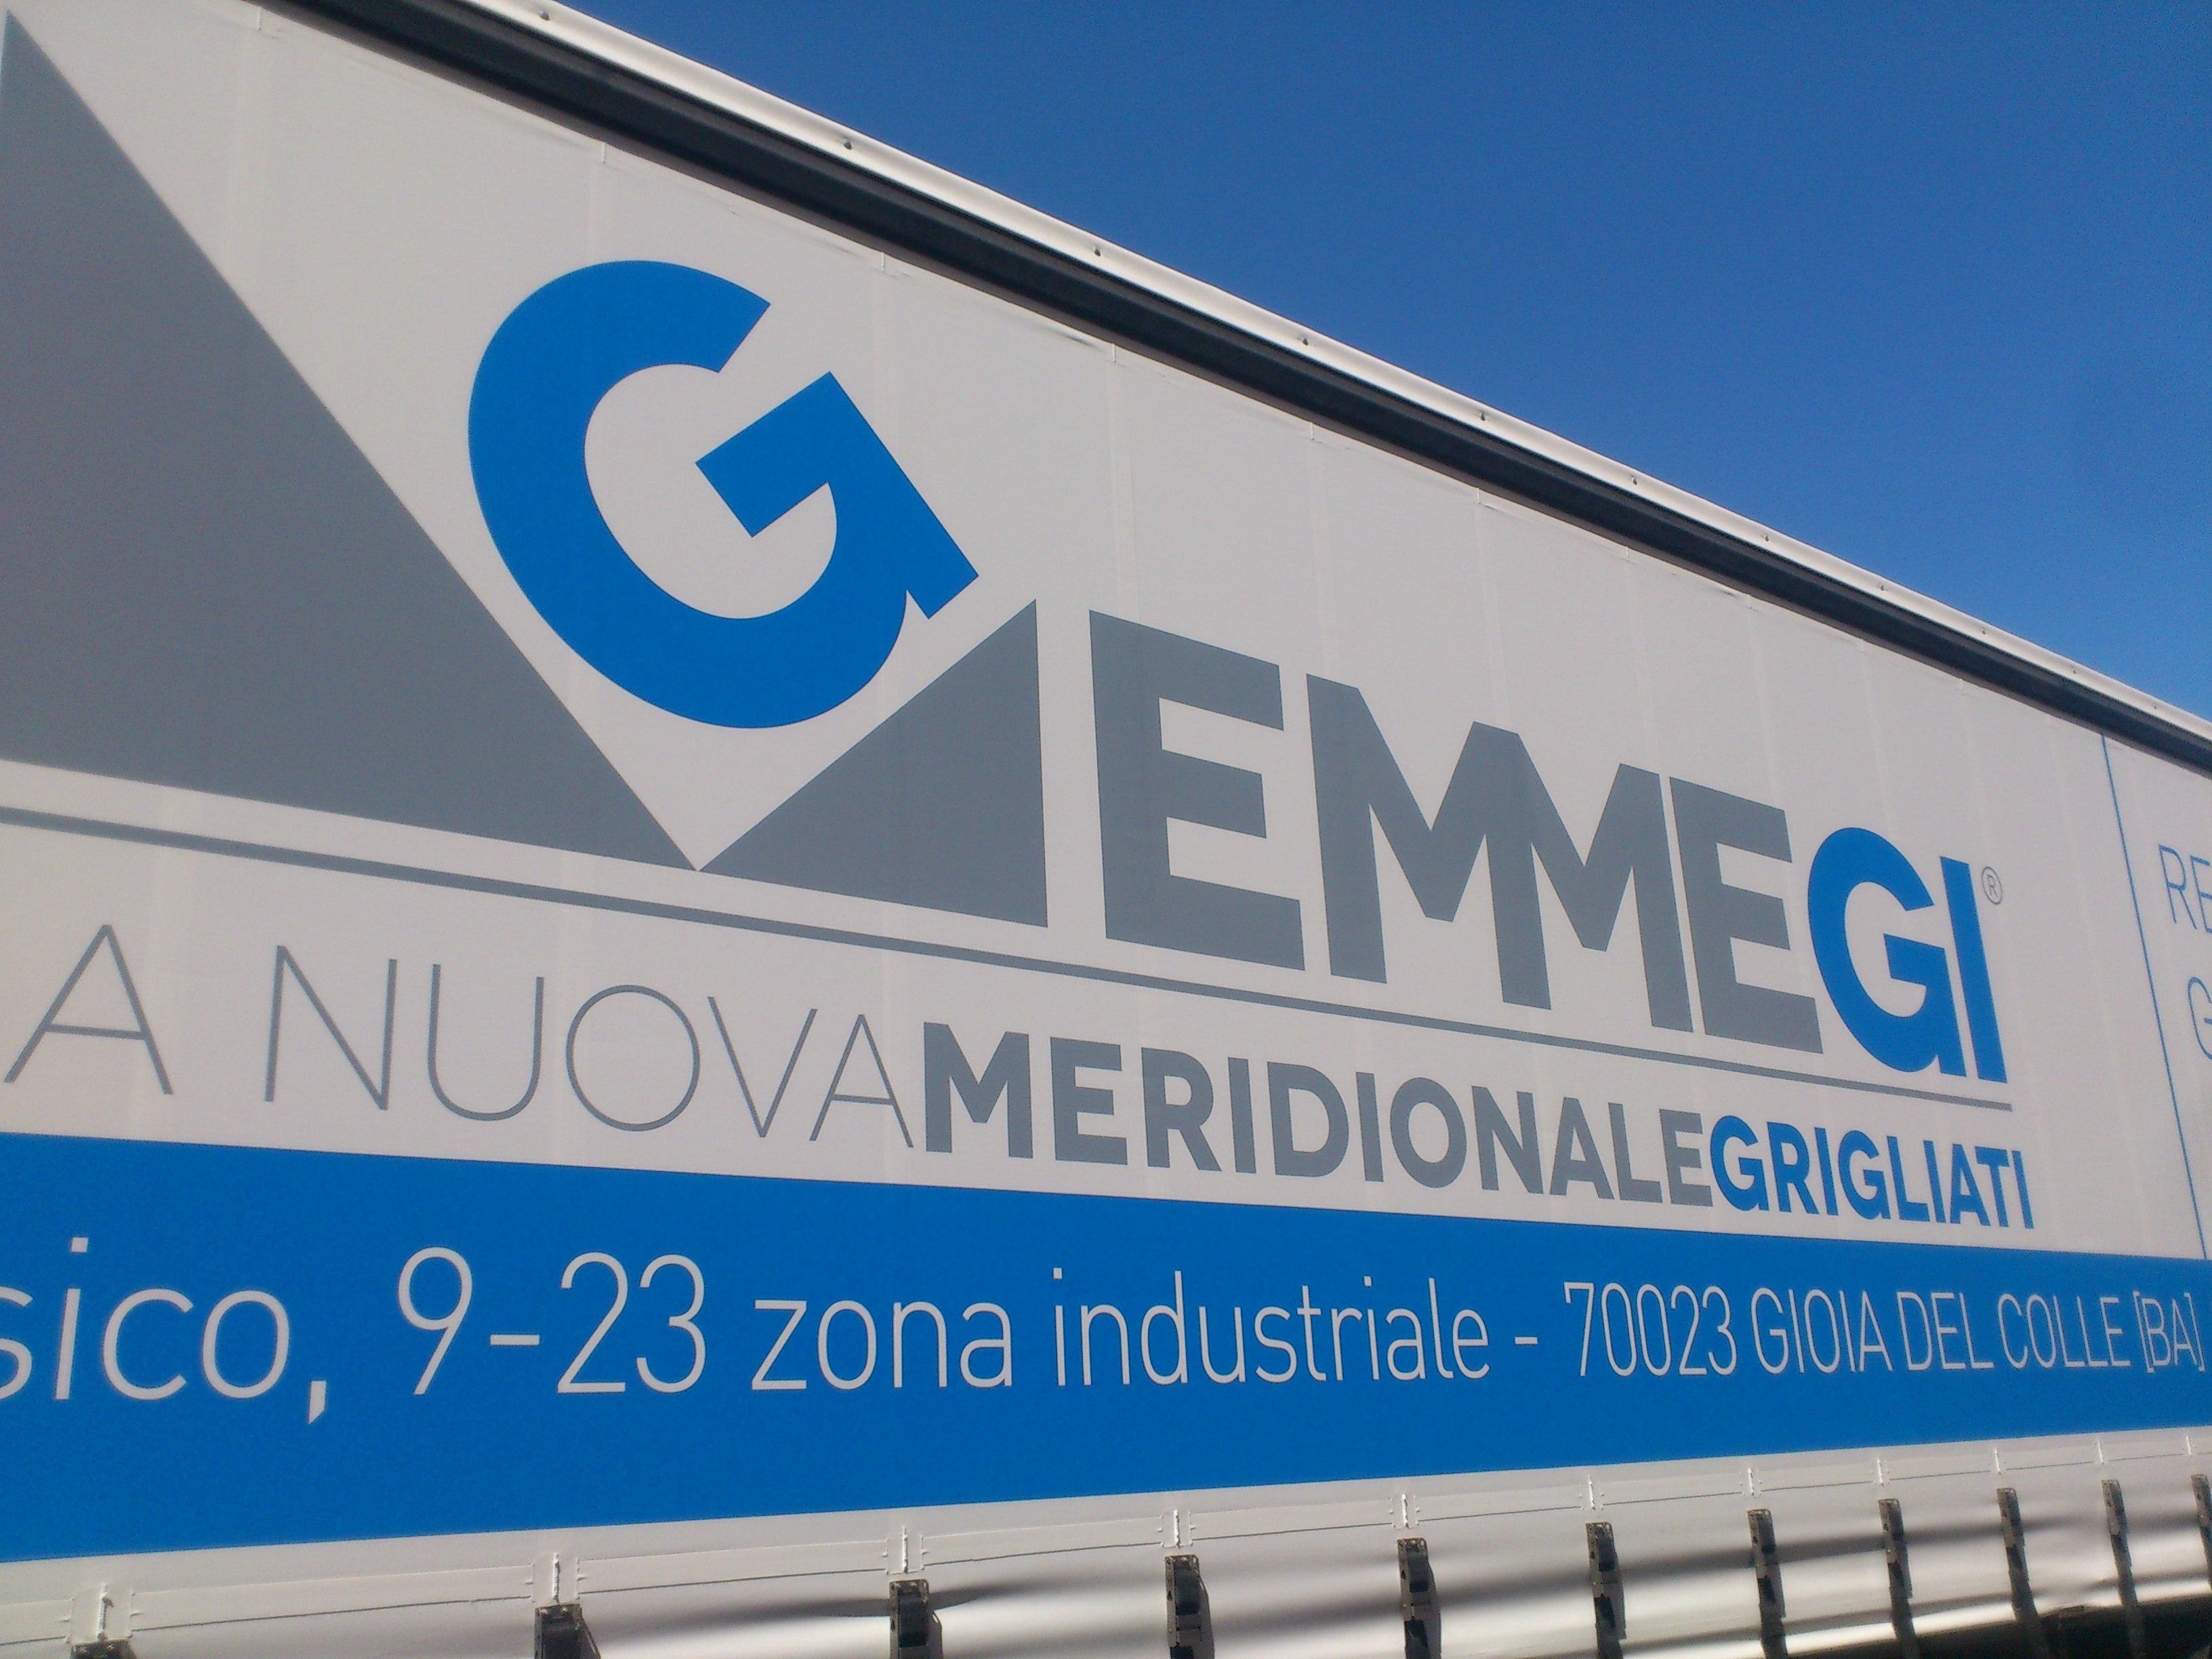 EMME G